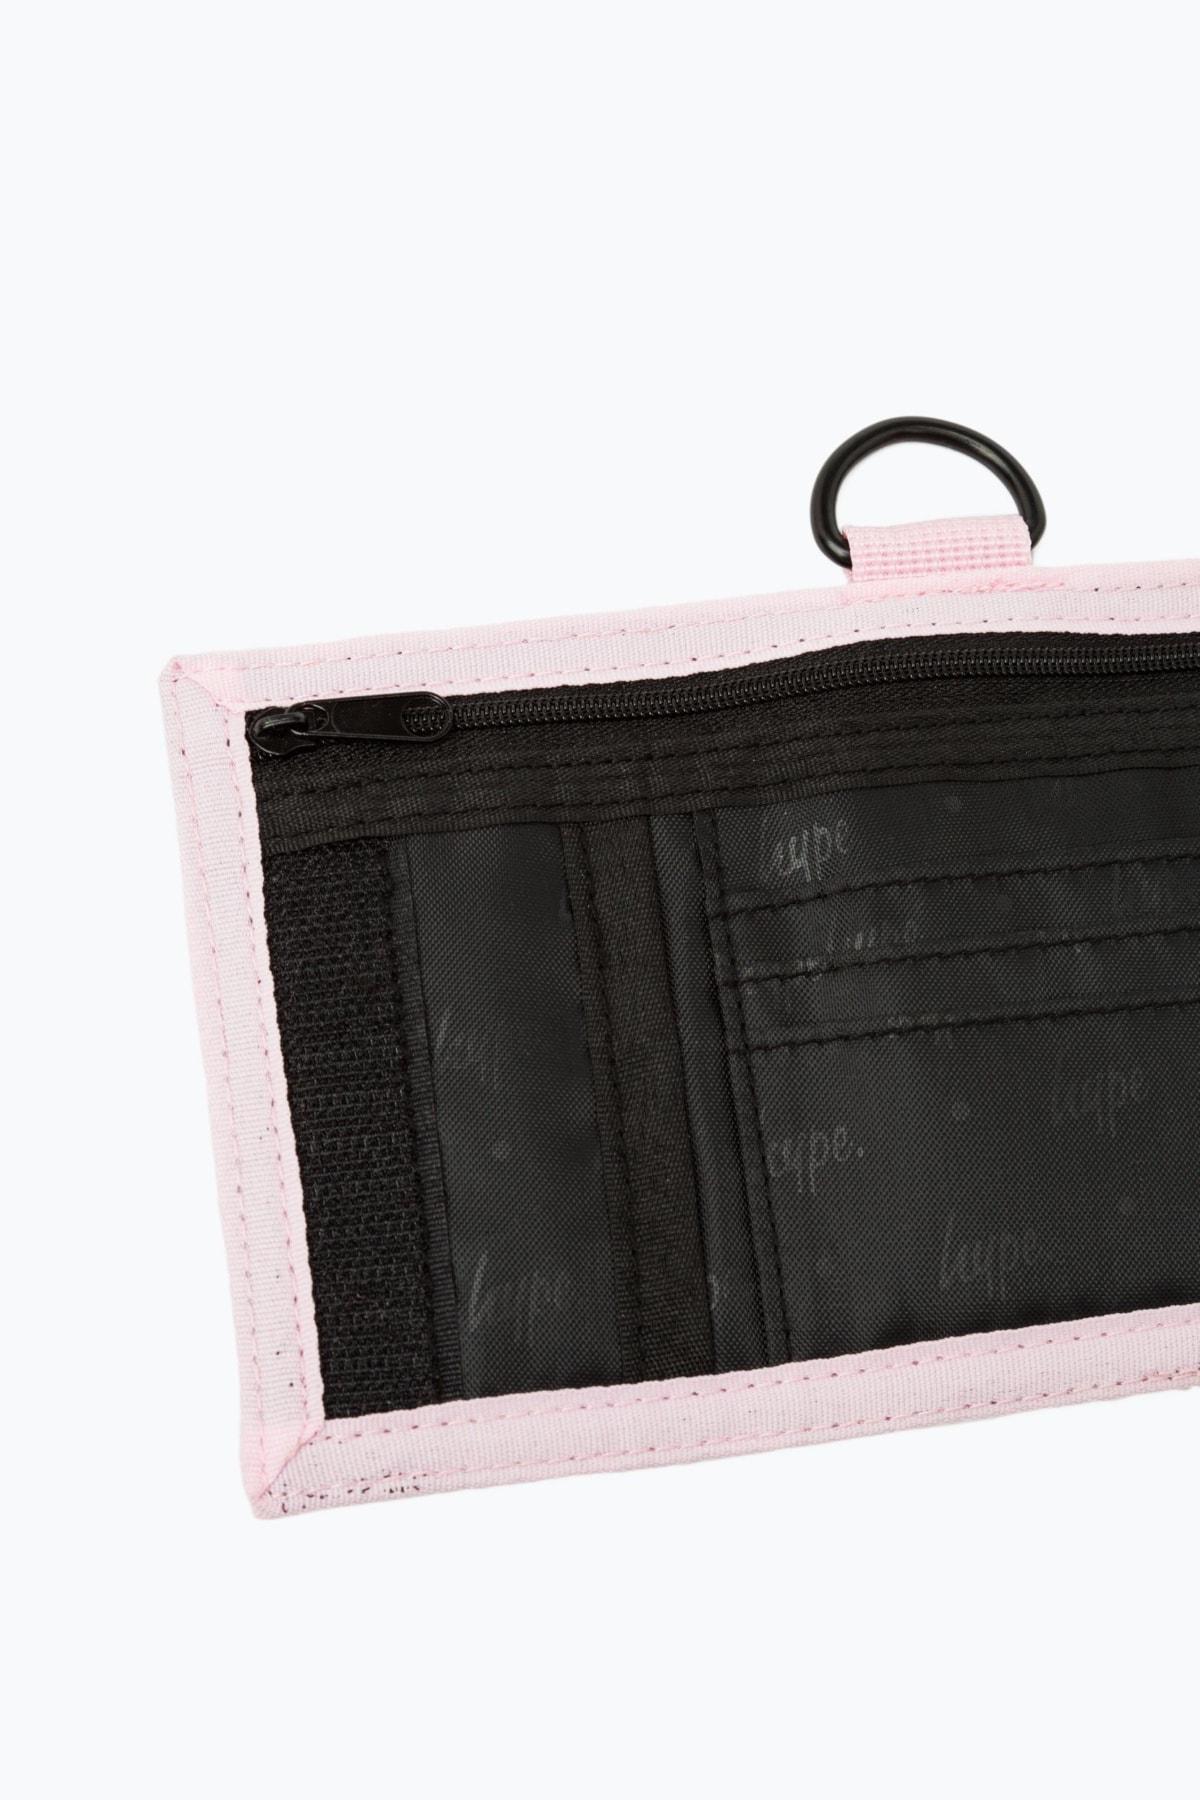 HYPE Camo Camo Wallet